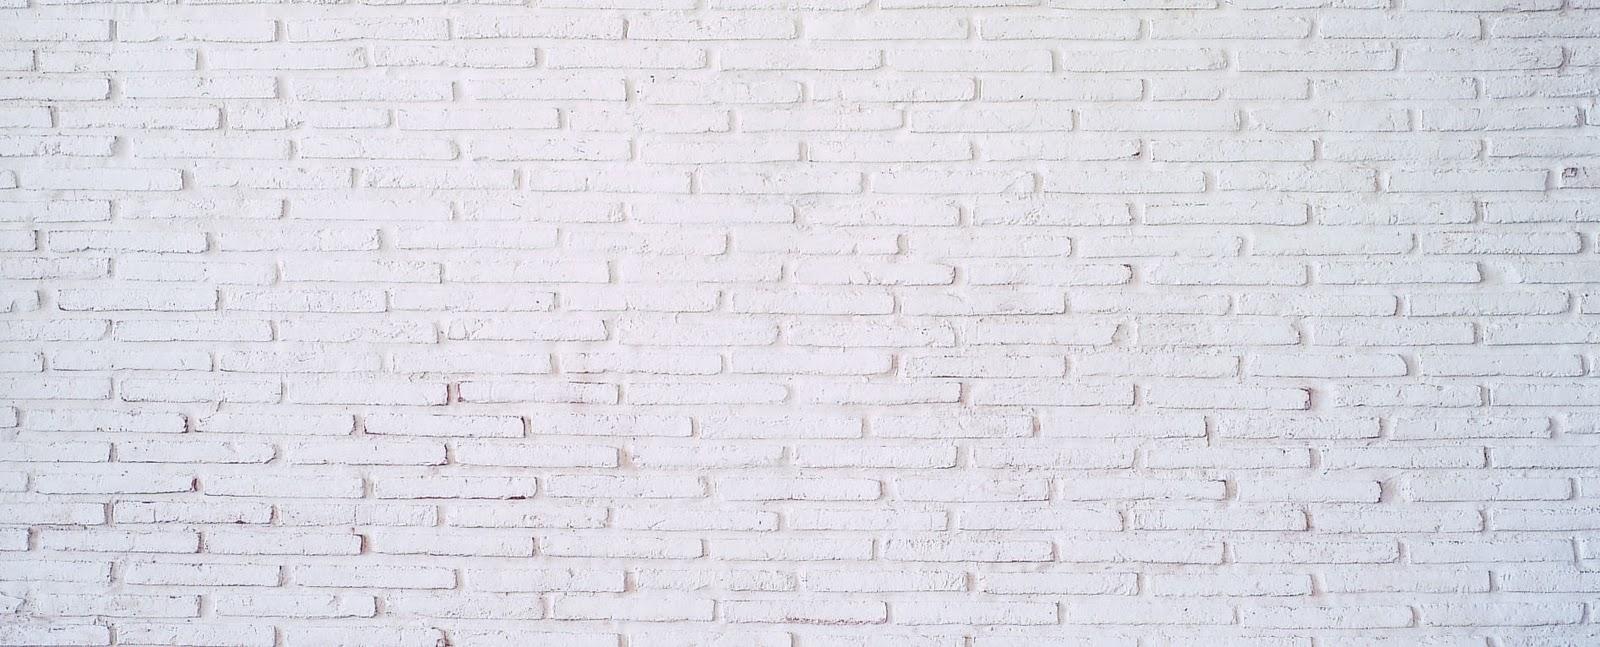 Tu Preguntas Como Se Hace Un Cabecero De Ladrillo Blanco X4duroscom - Pared-ladrillo-blanco